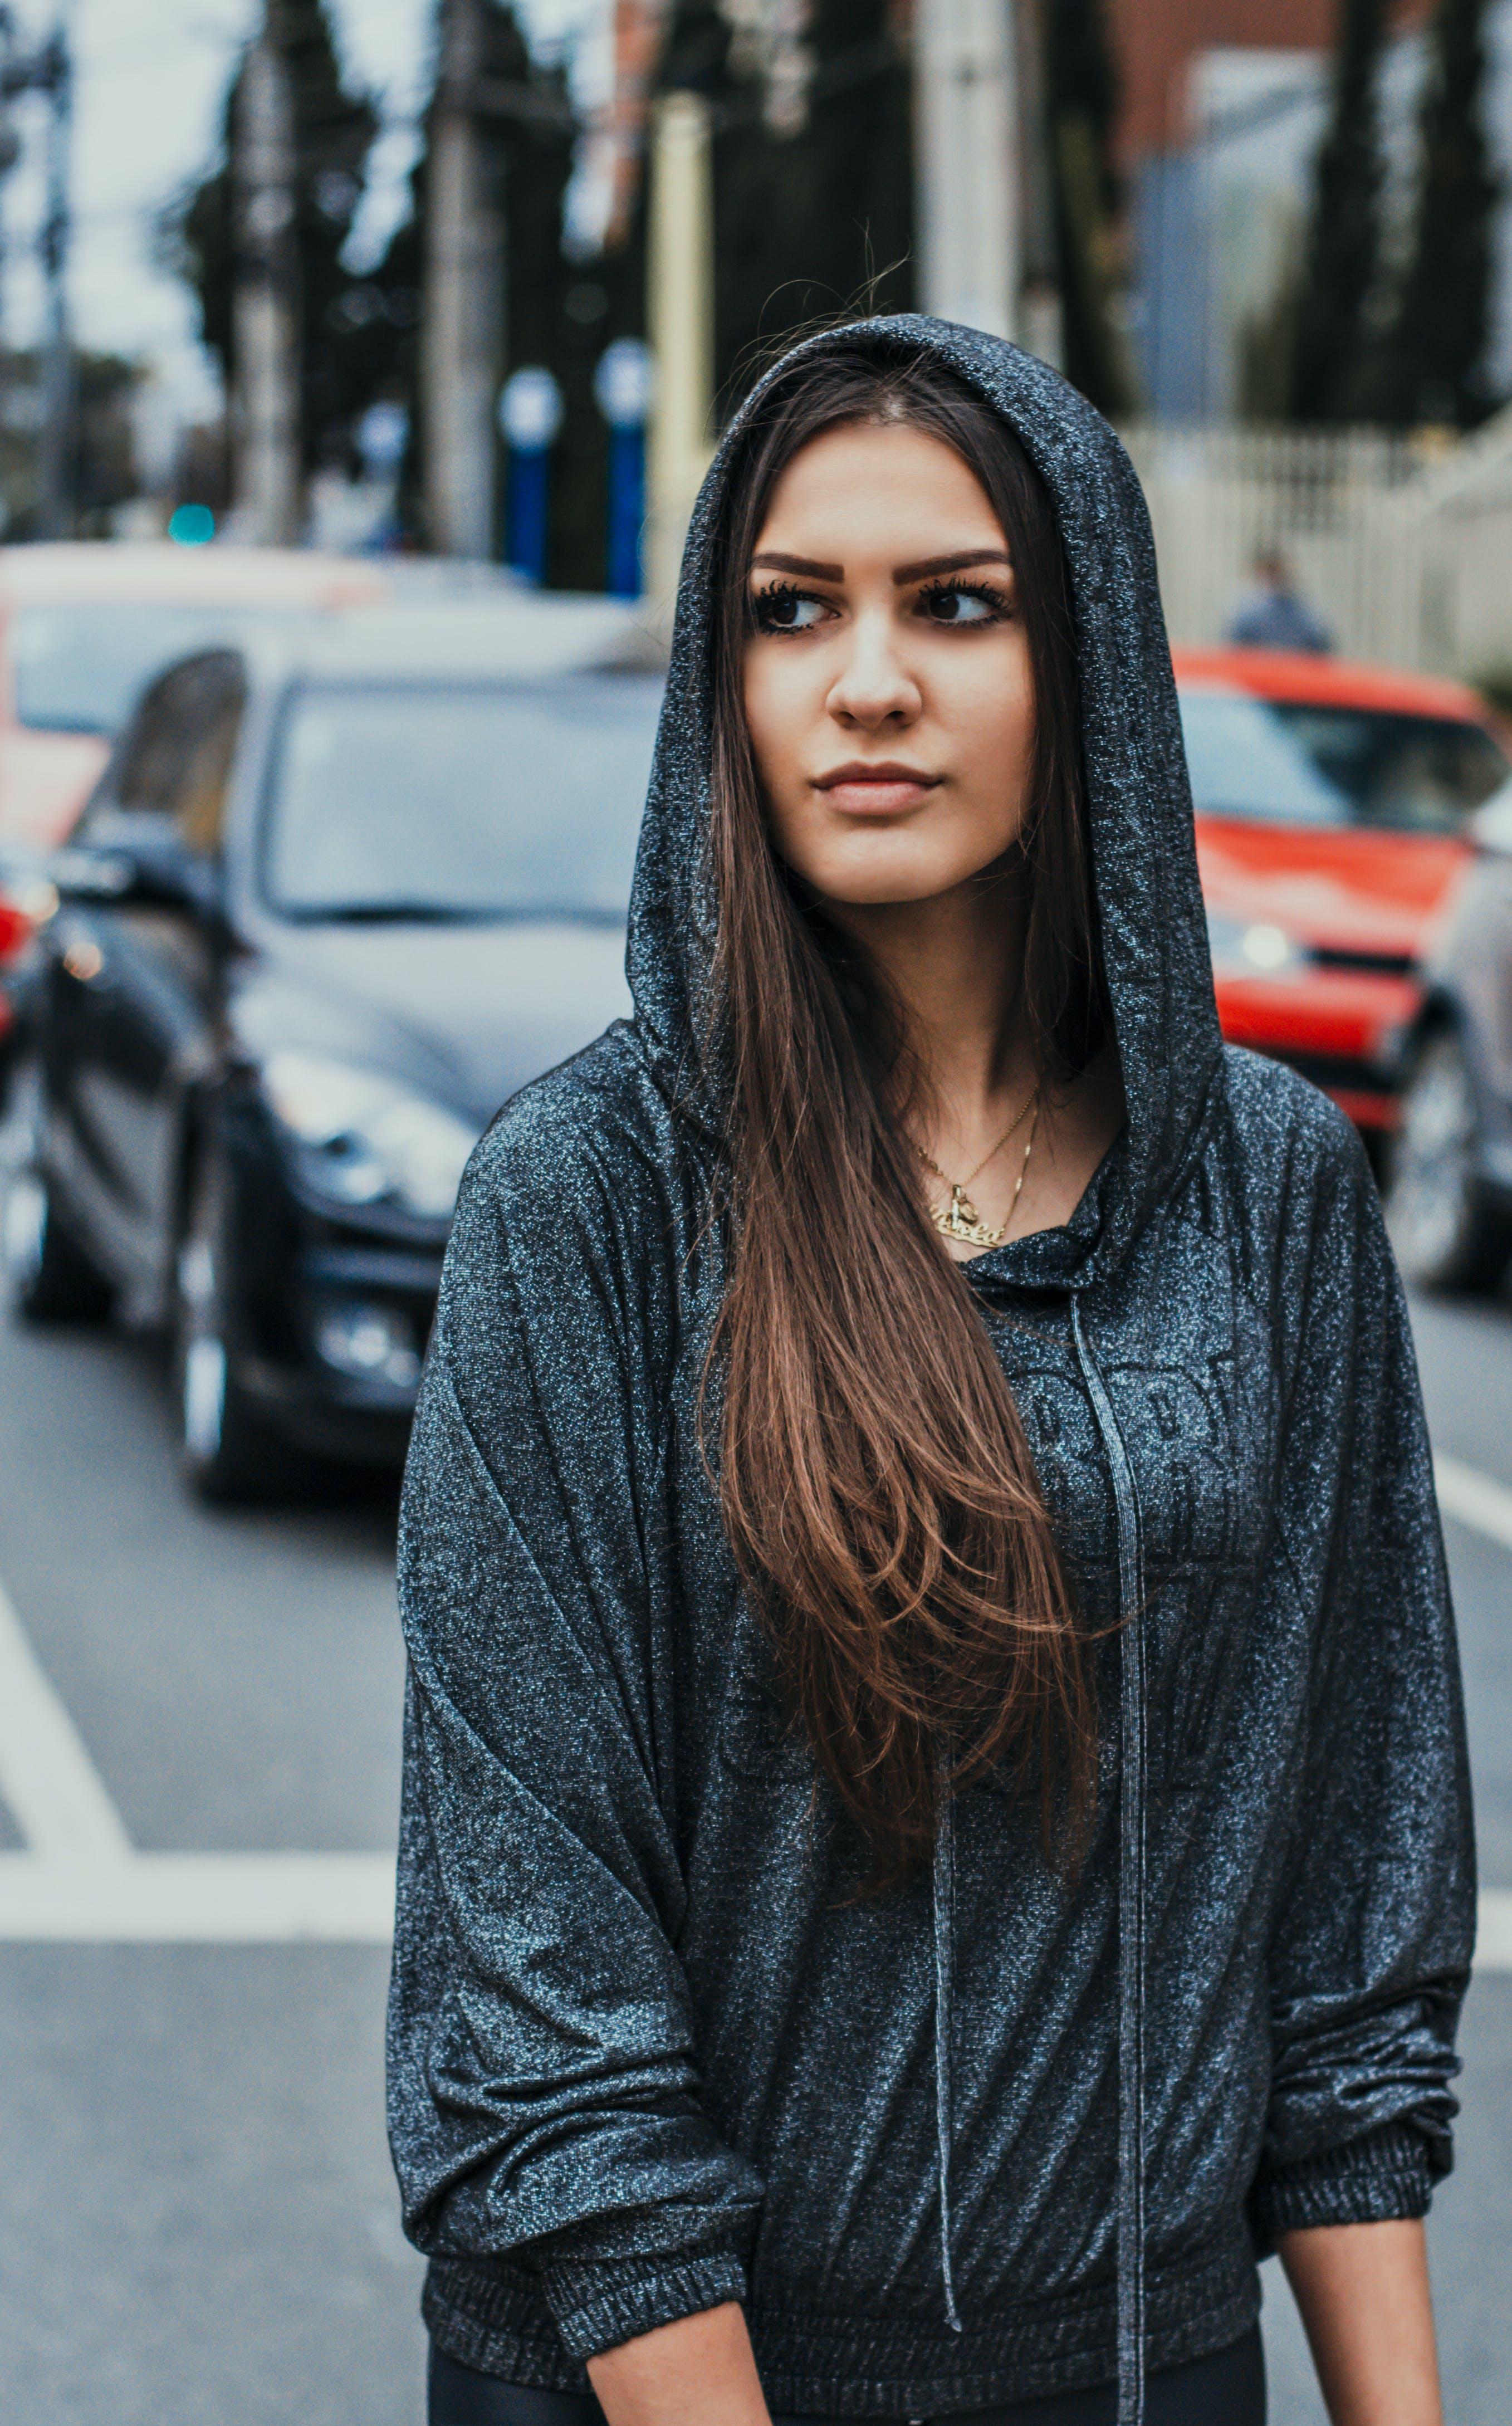 brazil, girl, street